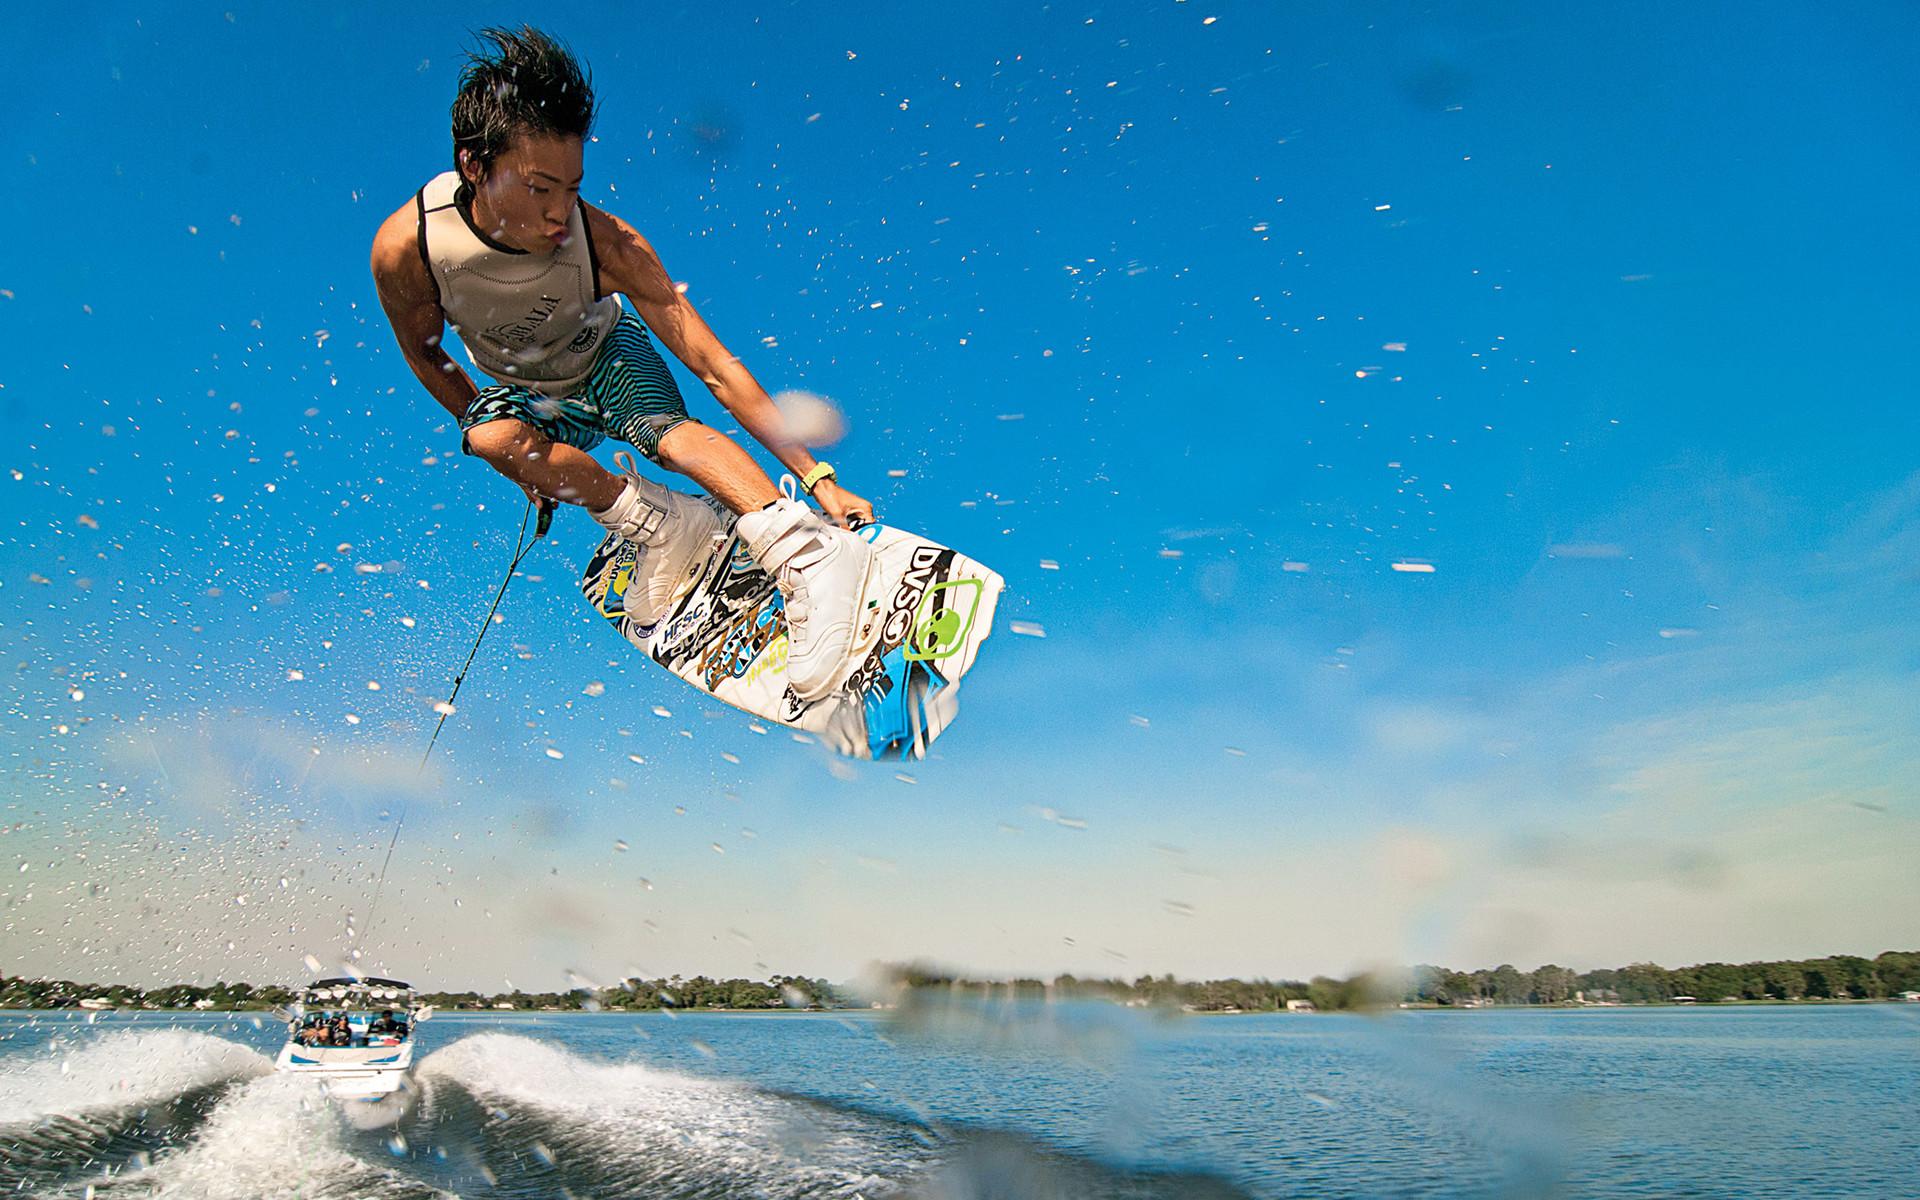 Sports – Wake Boarding Wake Boarding Wallpaper